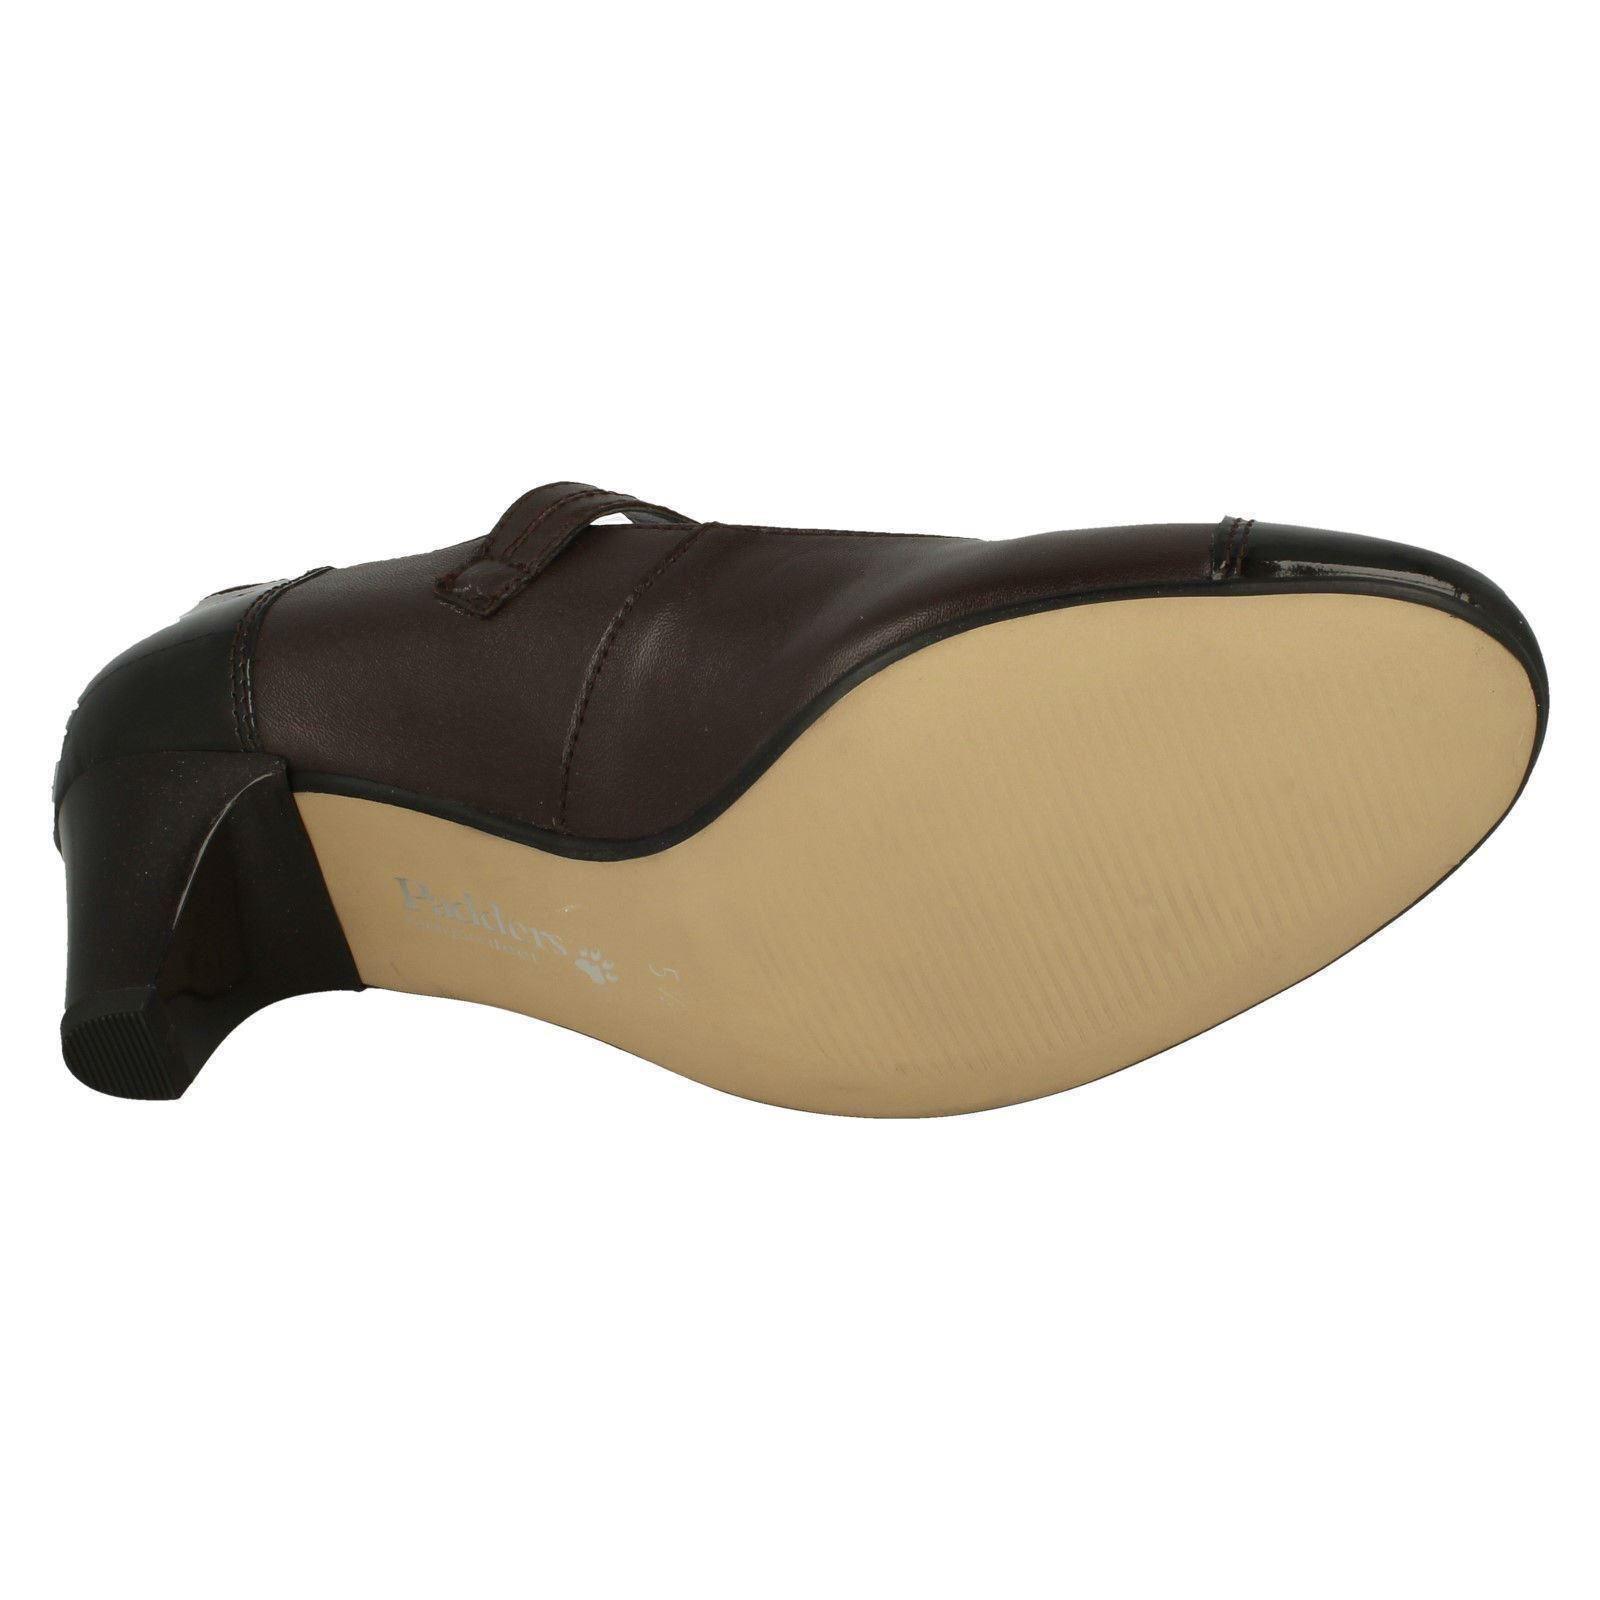 Ladies Padders con tacco Mary Jane Stile Scarpe-Jean | Ottima Ottima Ottima qualità  4cd4a4